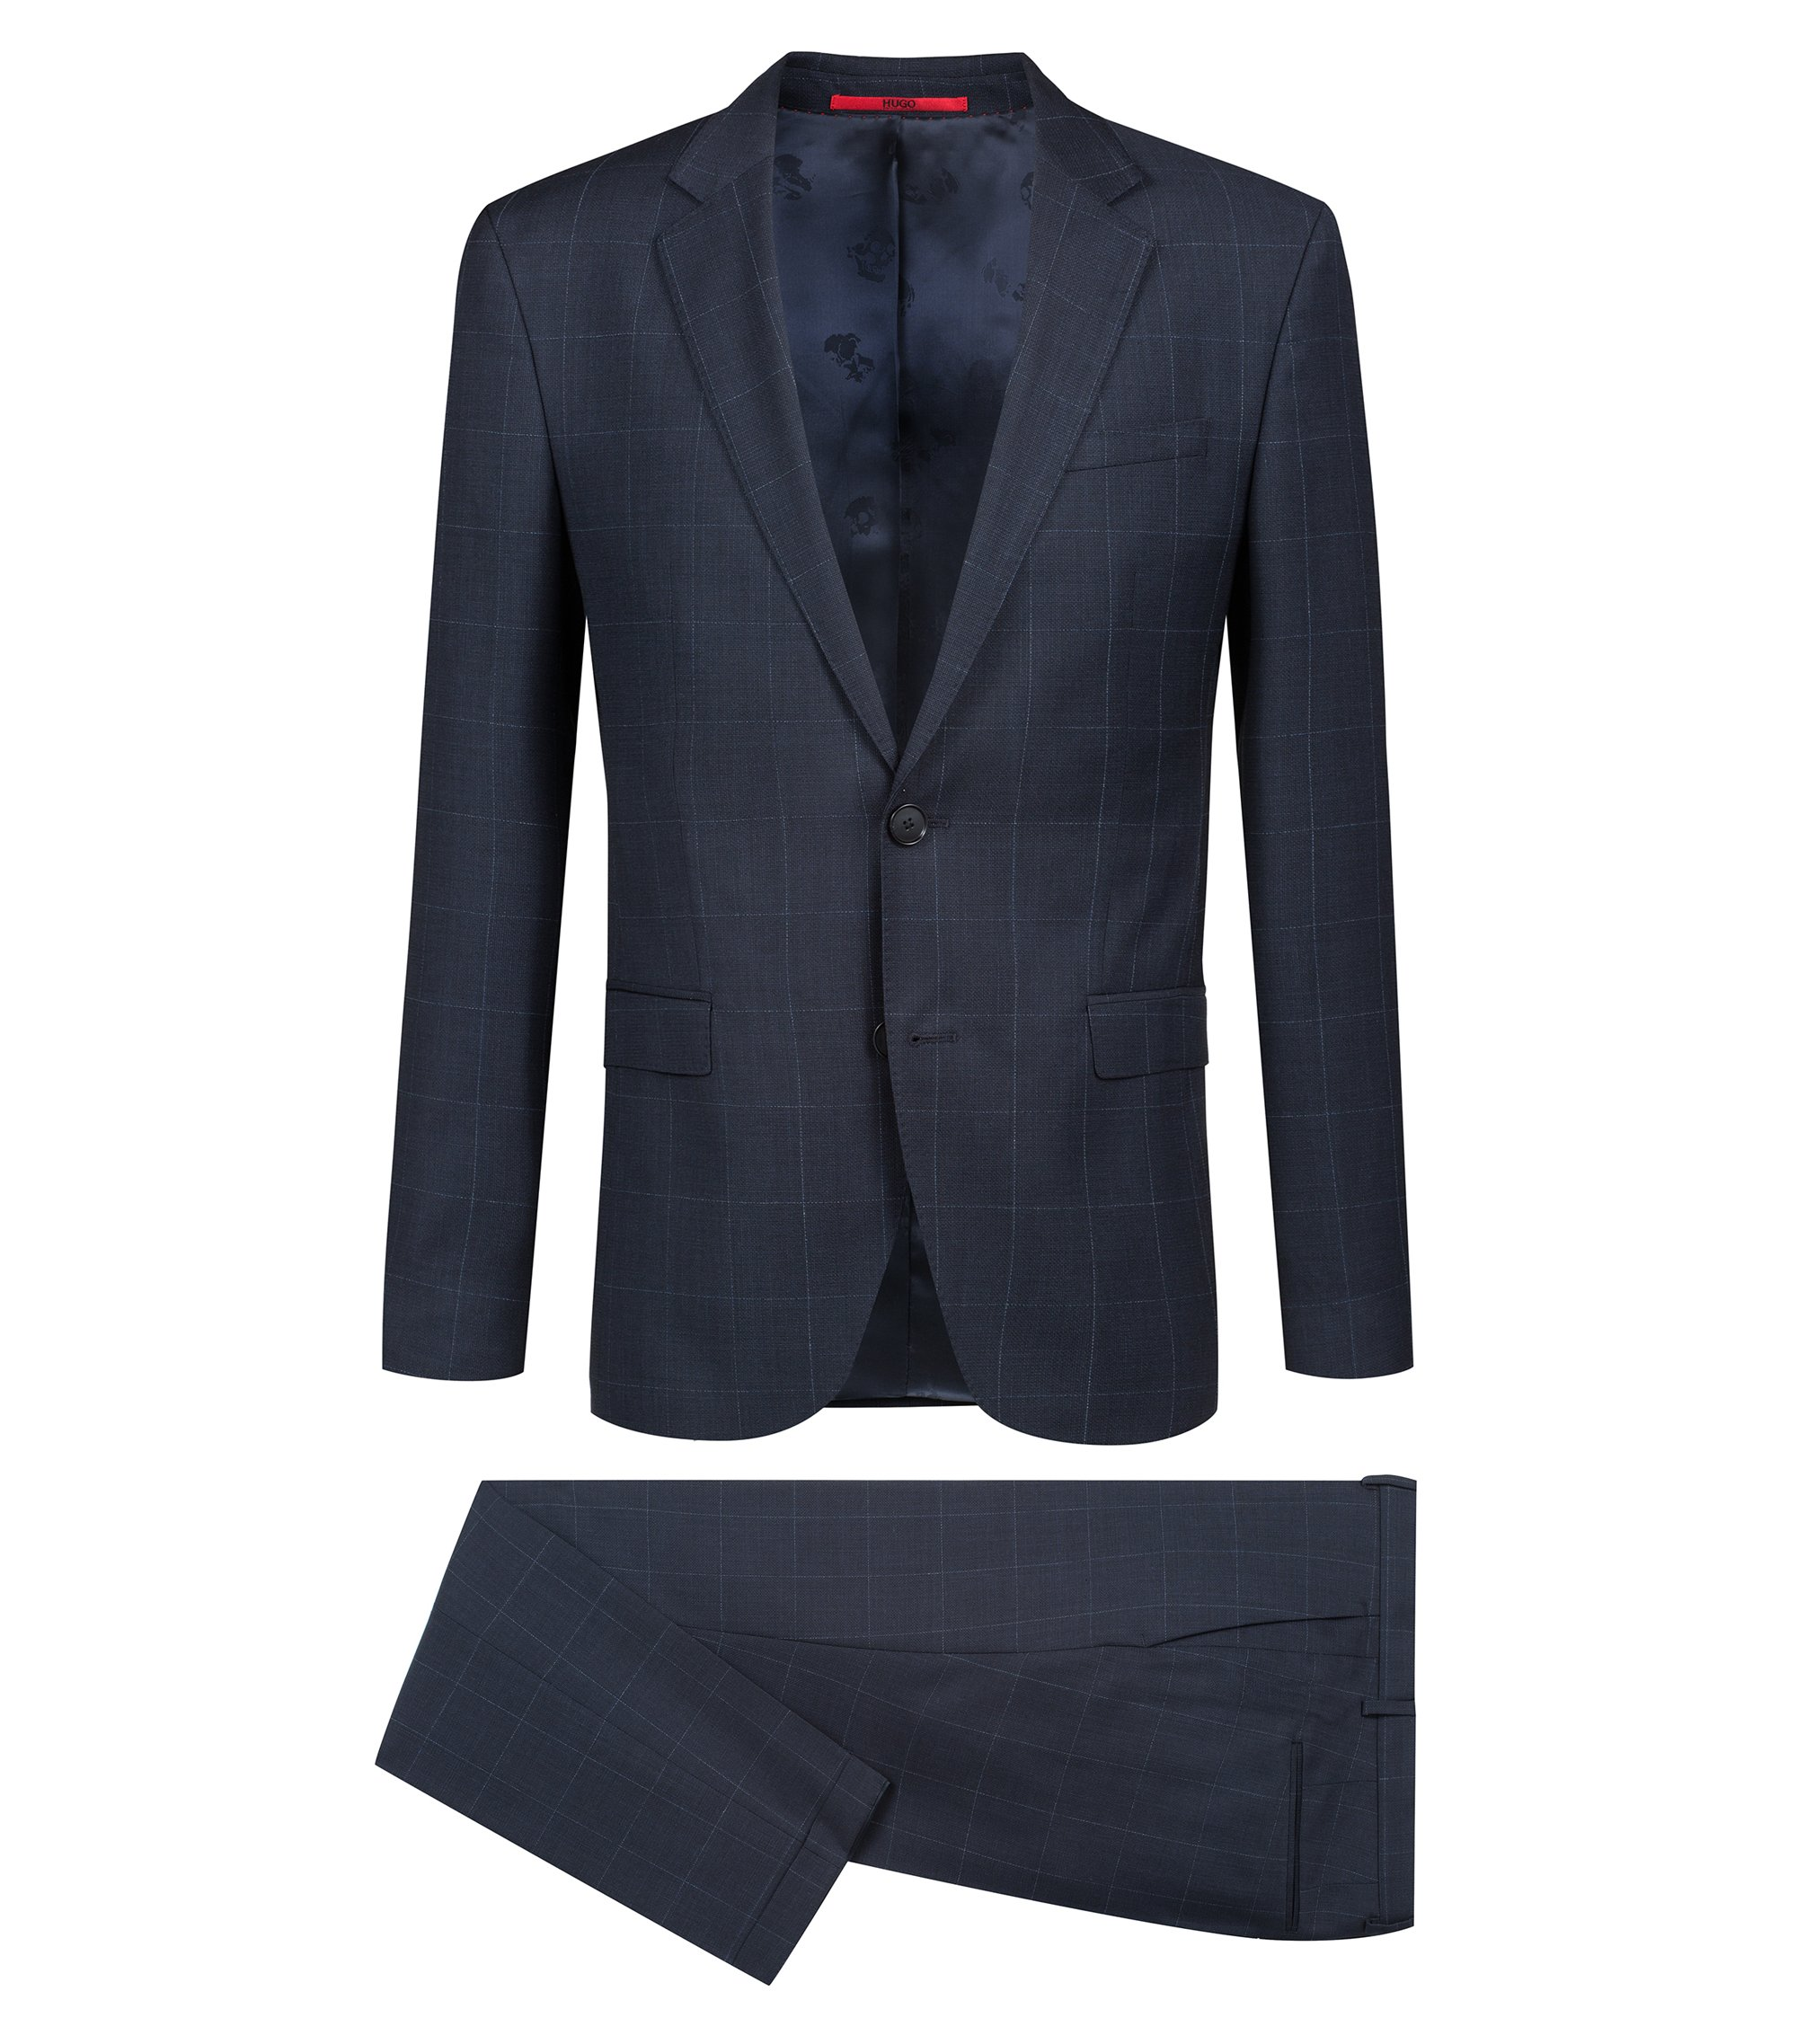 Abito extra slim fit in lana vergine con motivo a quadri, Blu scuro